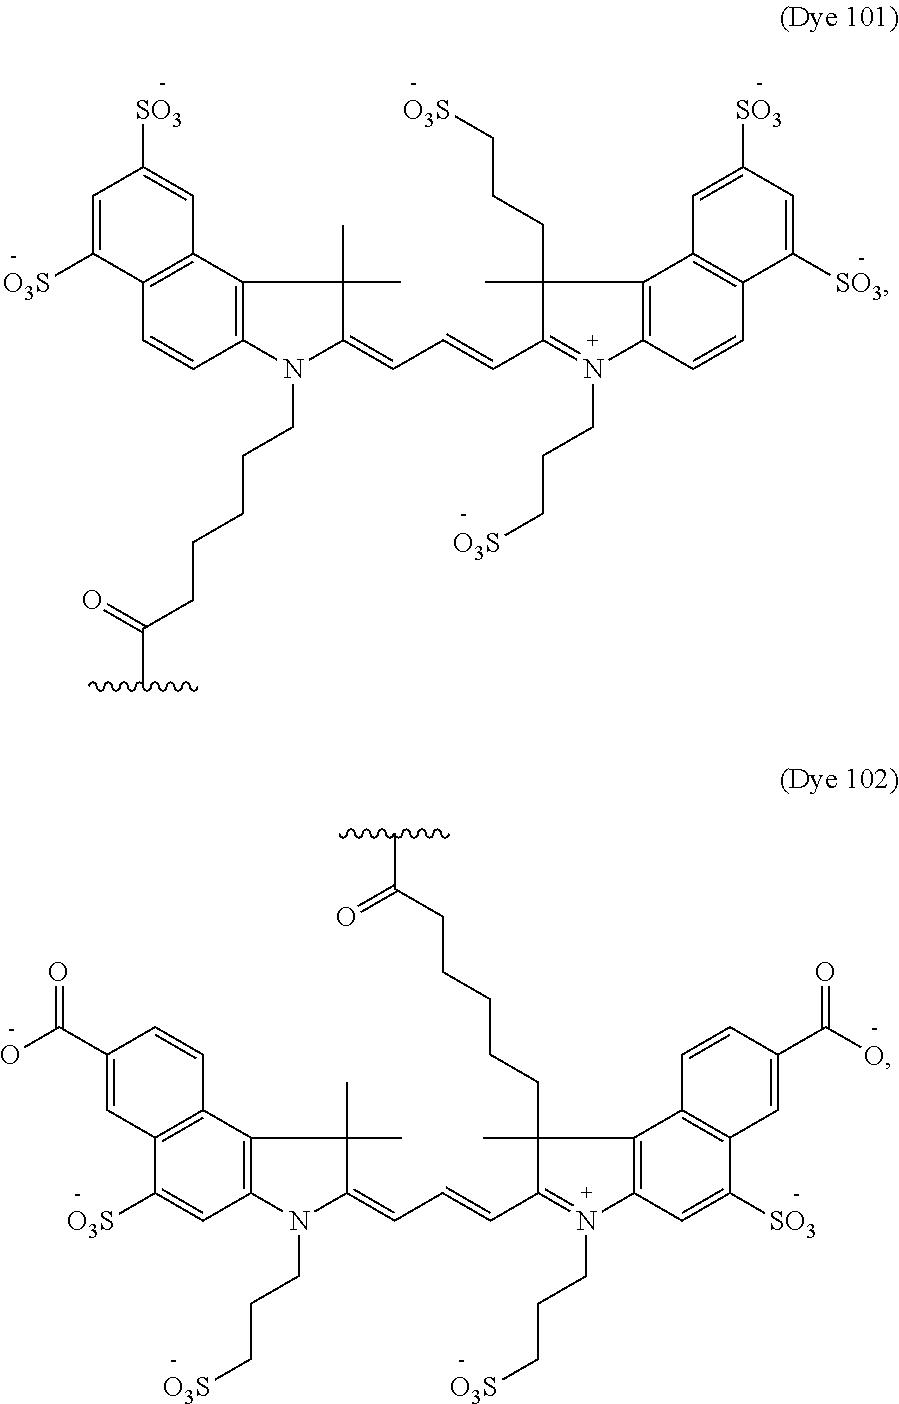 Figure US09885657-20180206-C00001